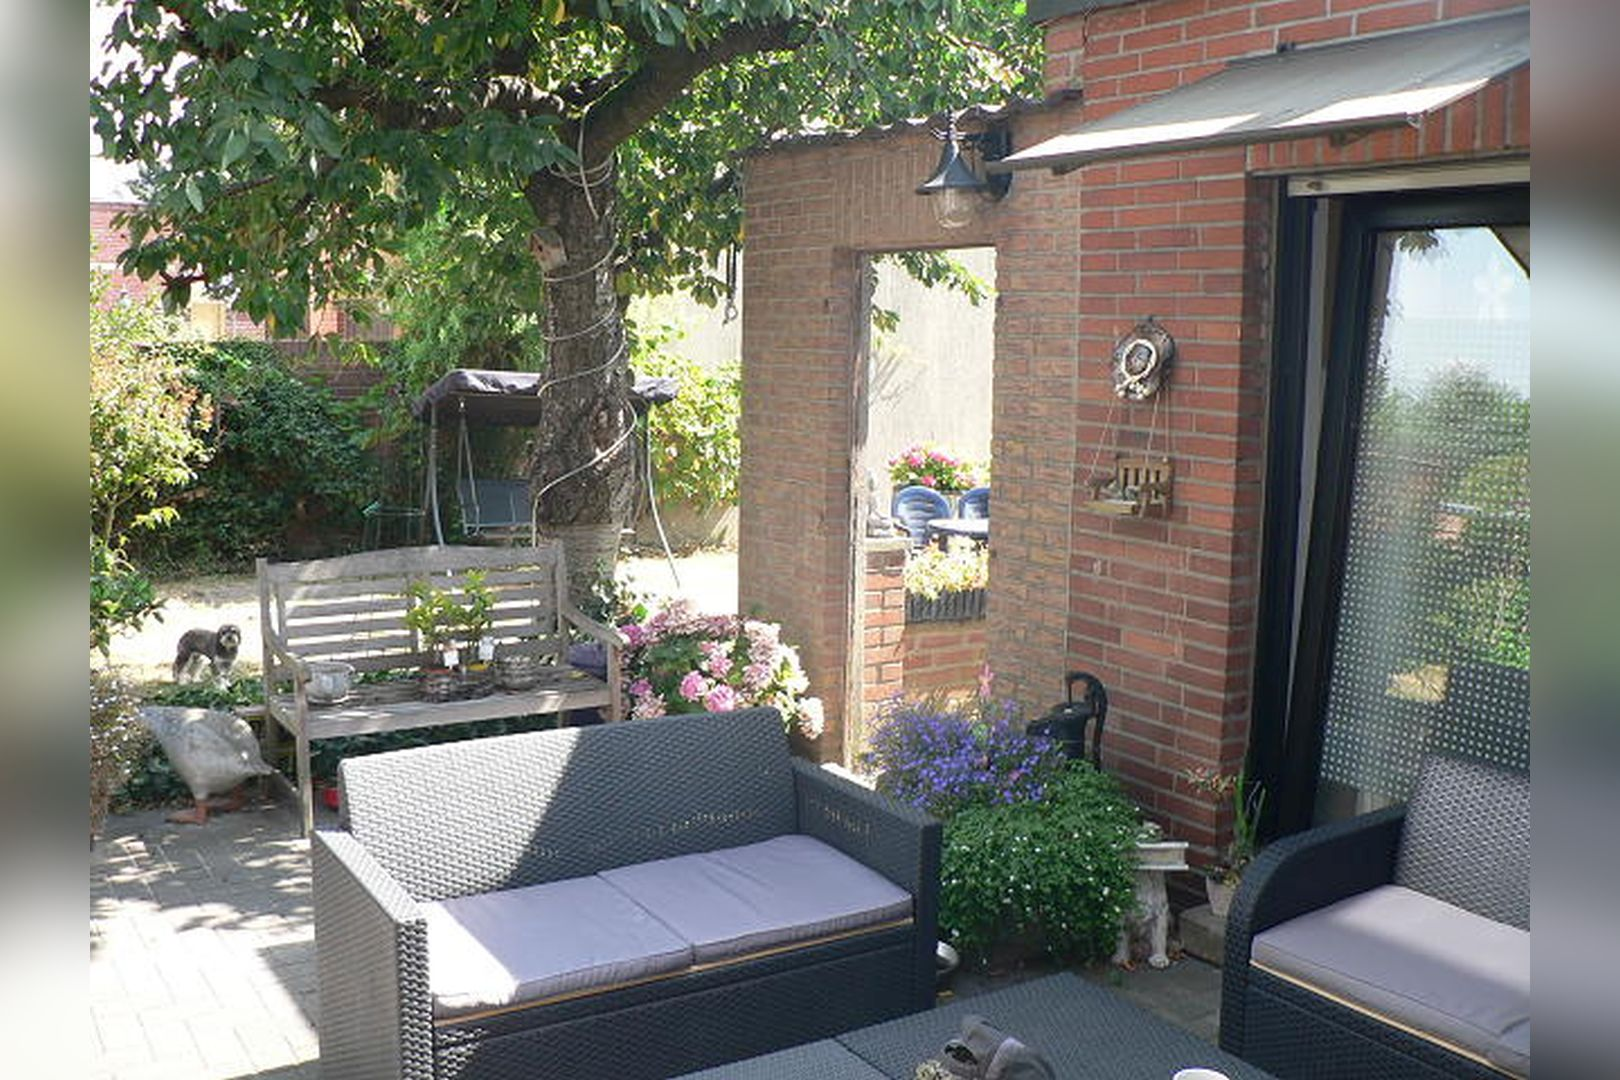 Immobilie Nr.0236 | In der Wasserstadt 9, 40668 Meerbusch - Lank